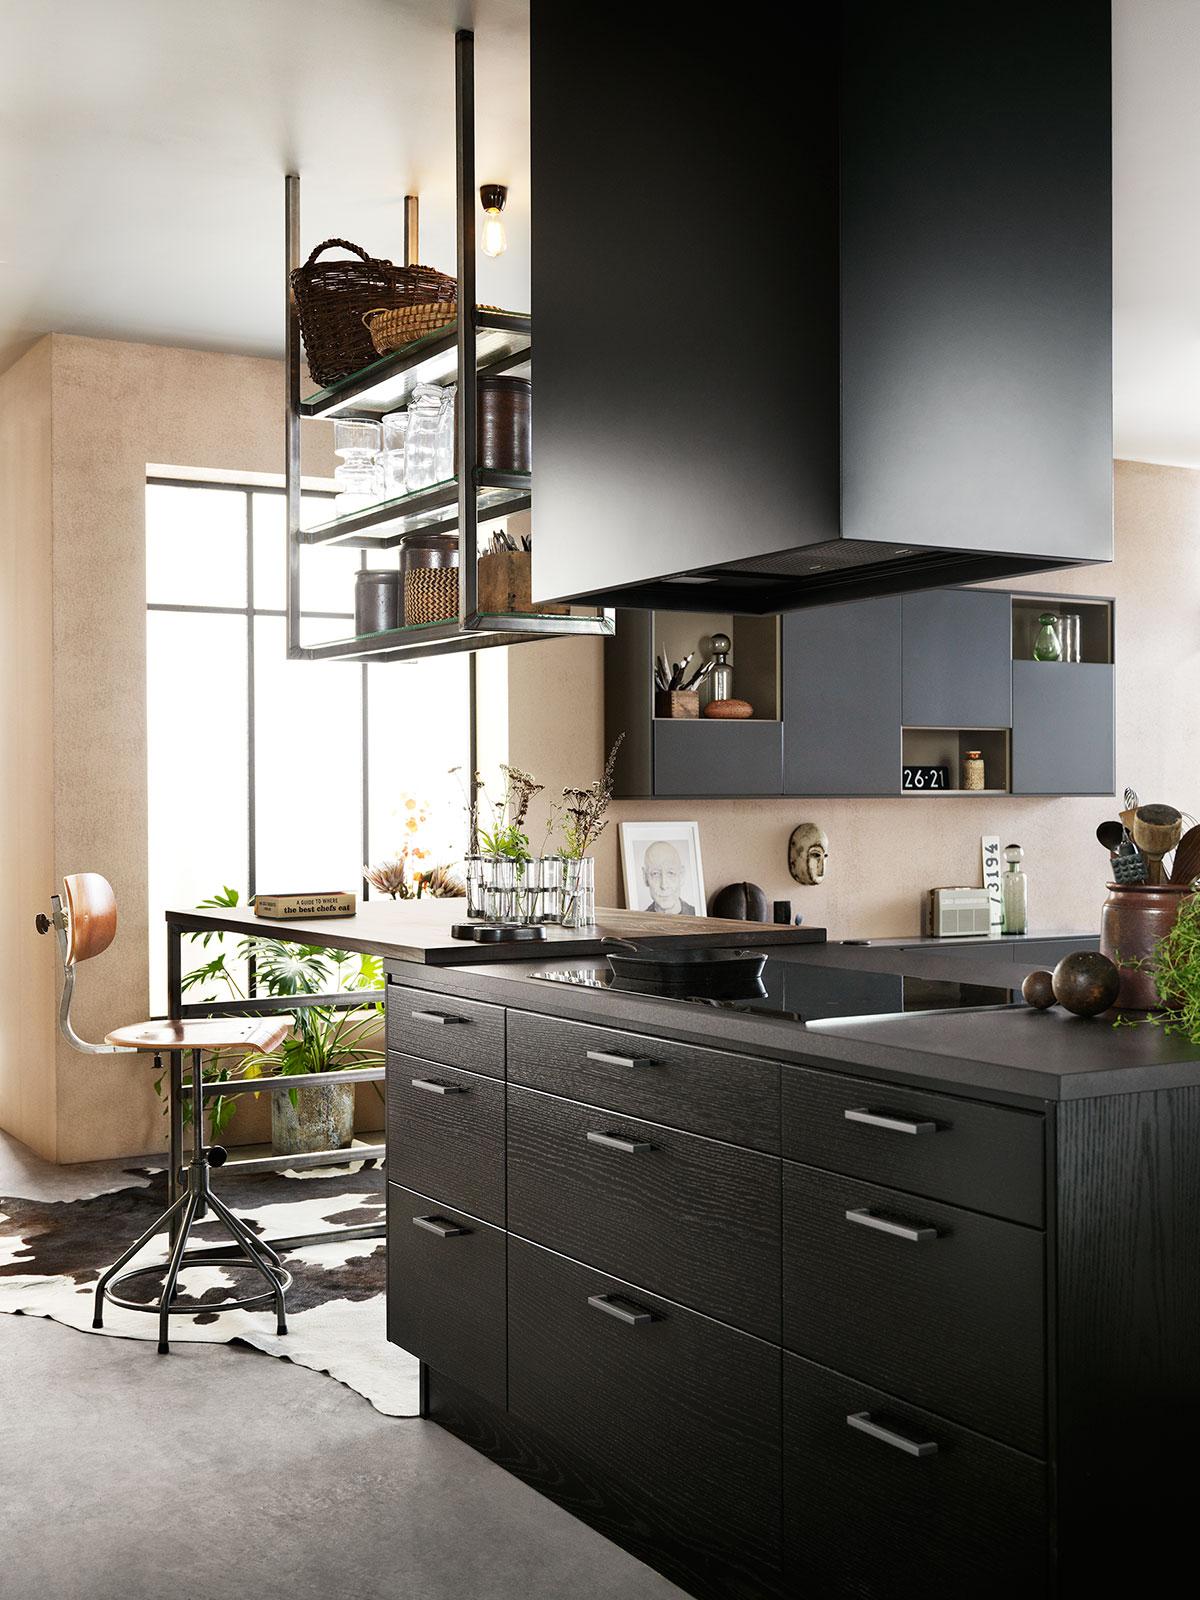 Kjøkken med spiseplass i industriell stil